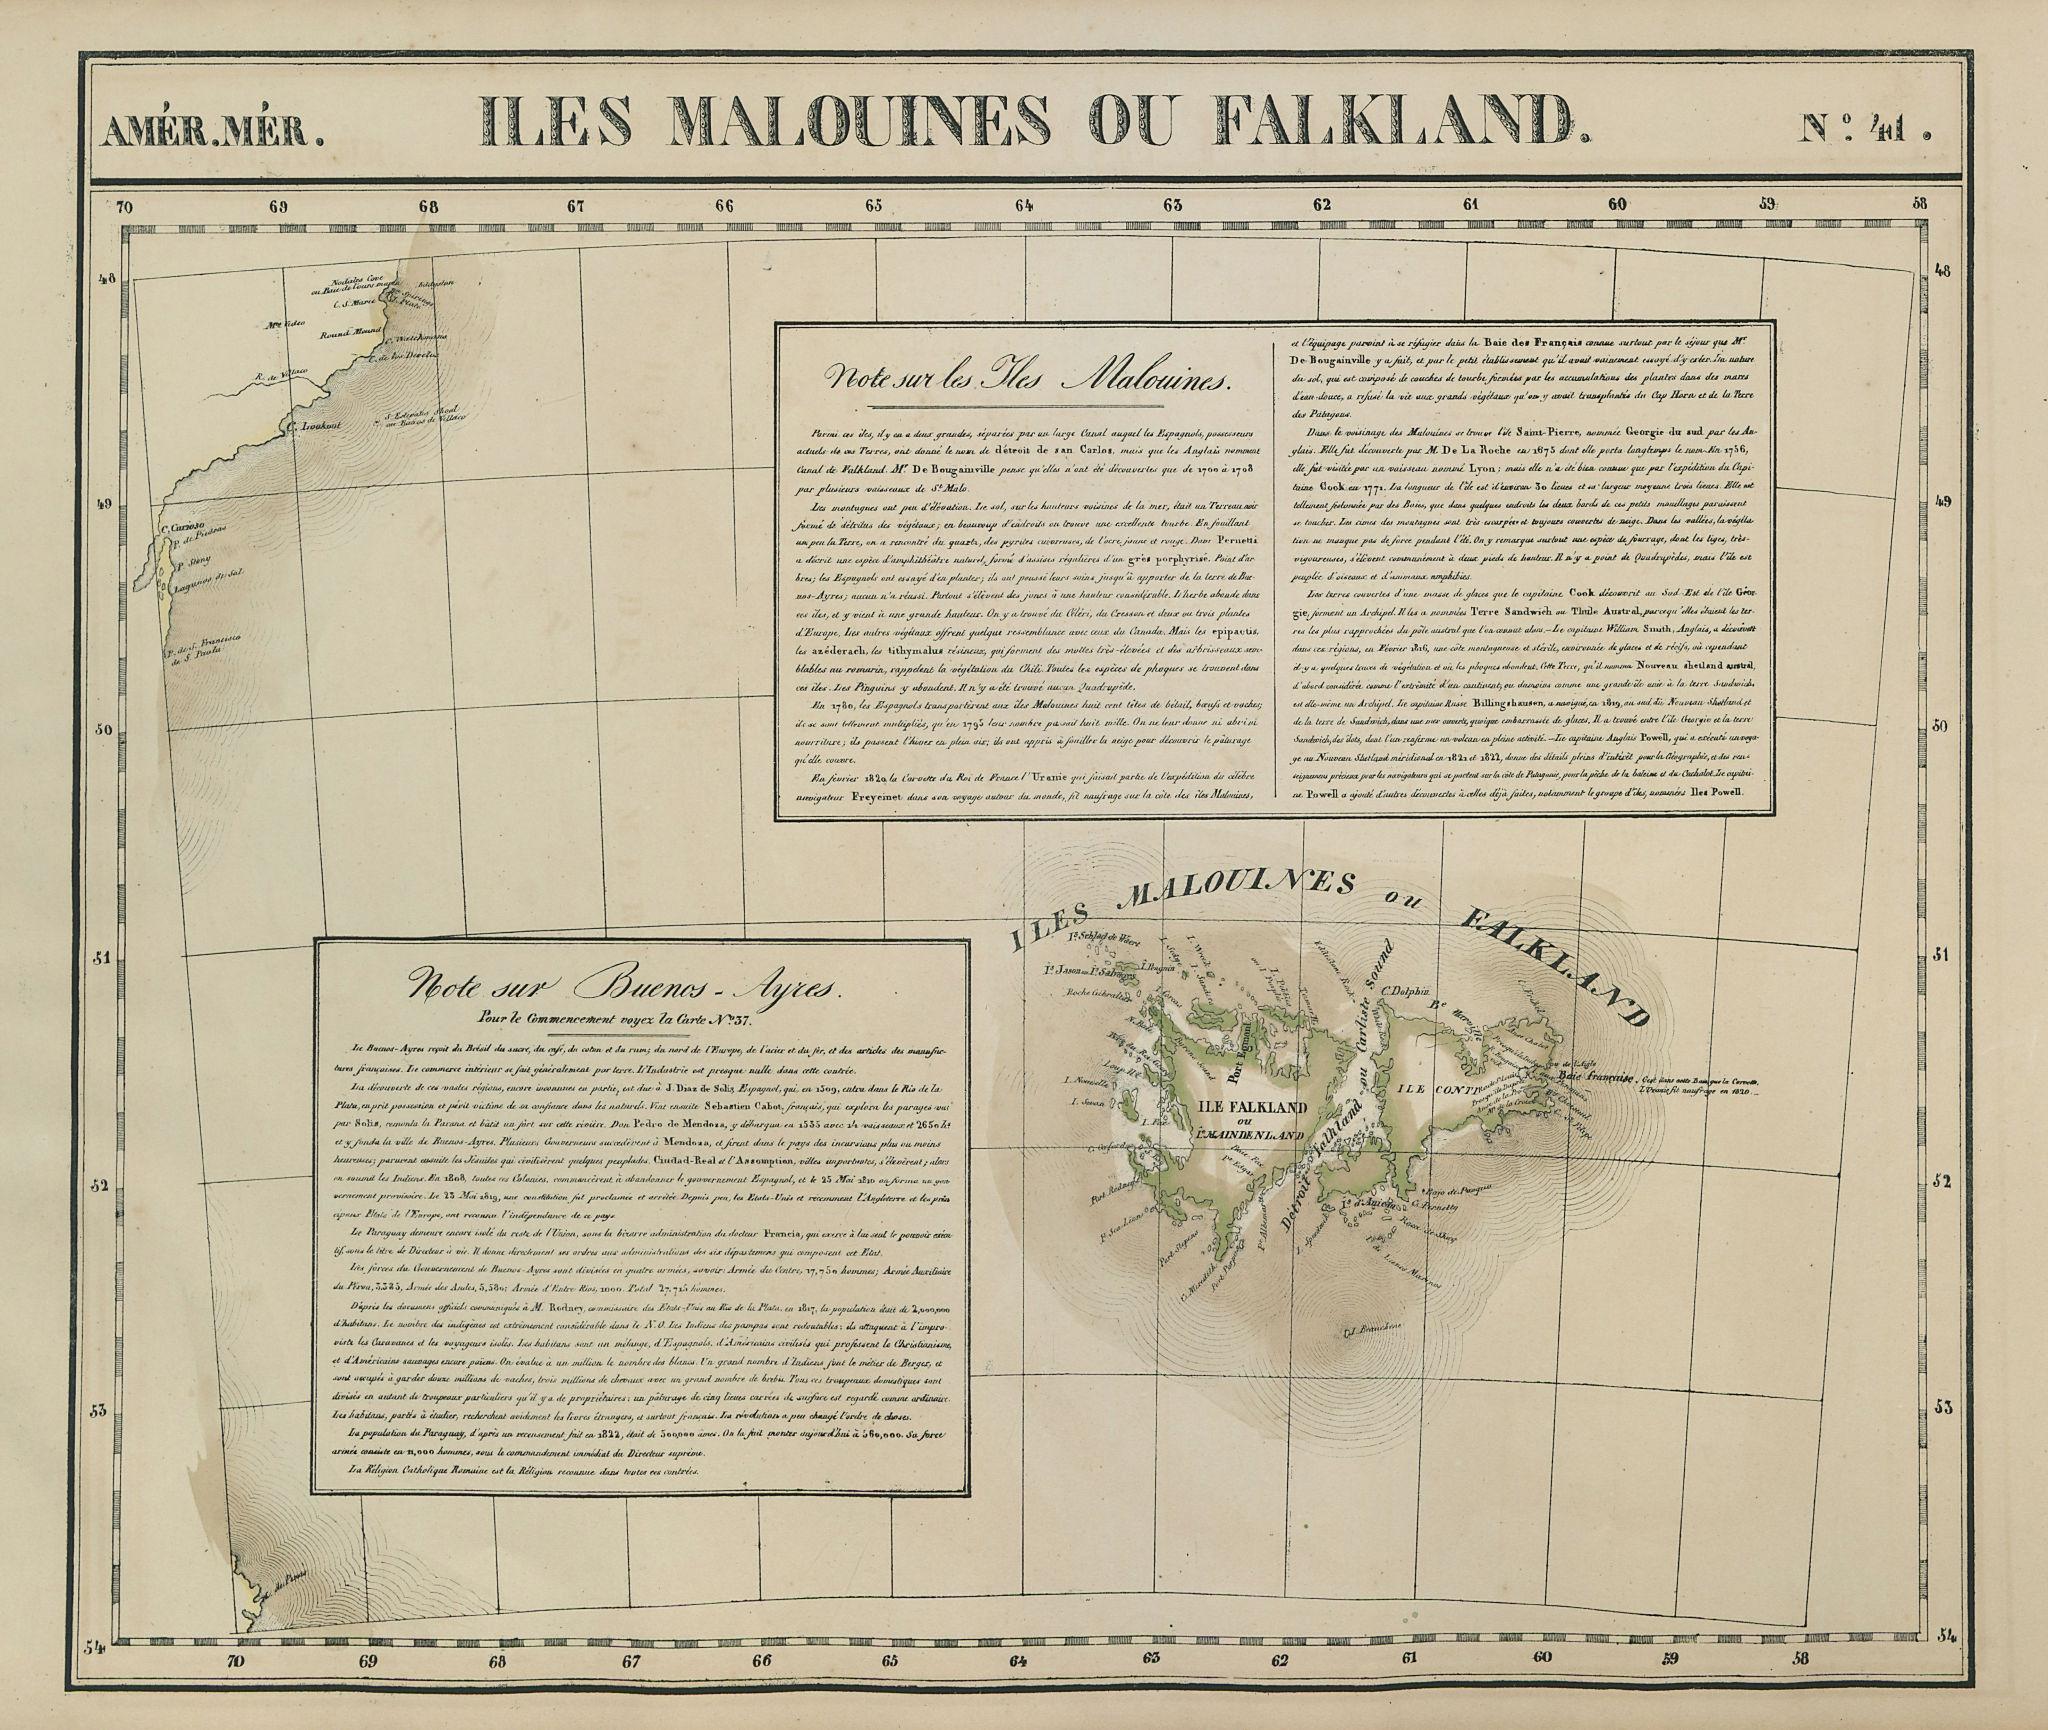 Amér. Mér. Iles Malouines #41. Falkland Islands Patagonia. VANDERMAELEN 1827 map